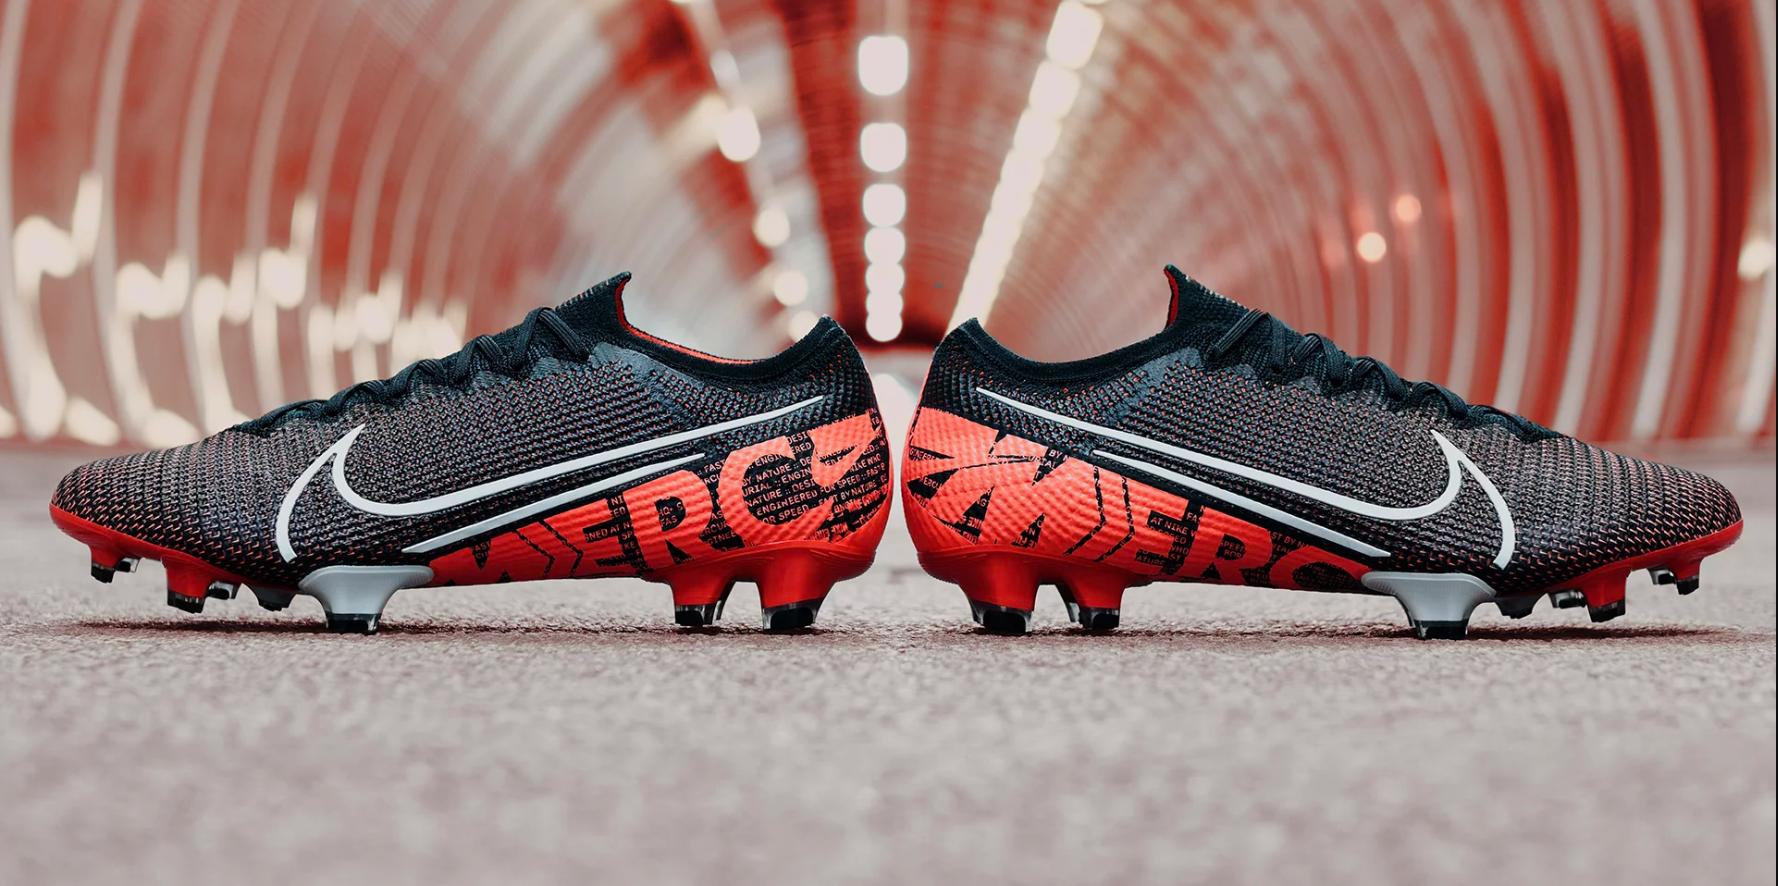 Giày đá banh chính hãng. Giày đá banh Nike. Nike Mercurial